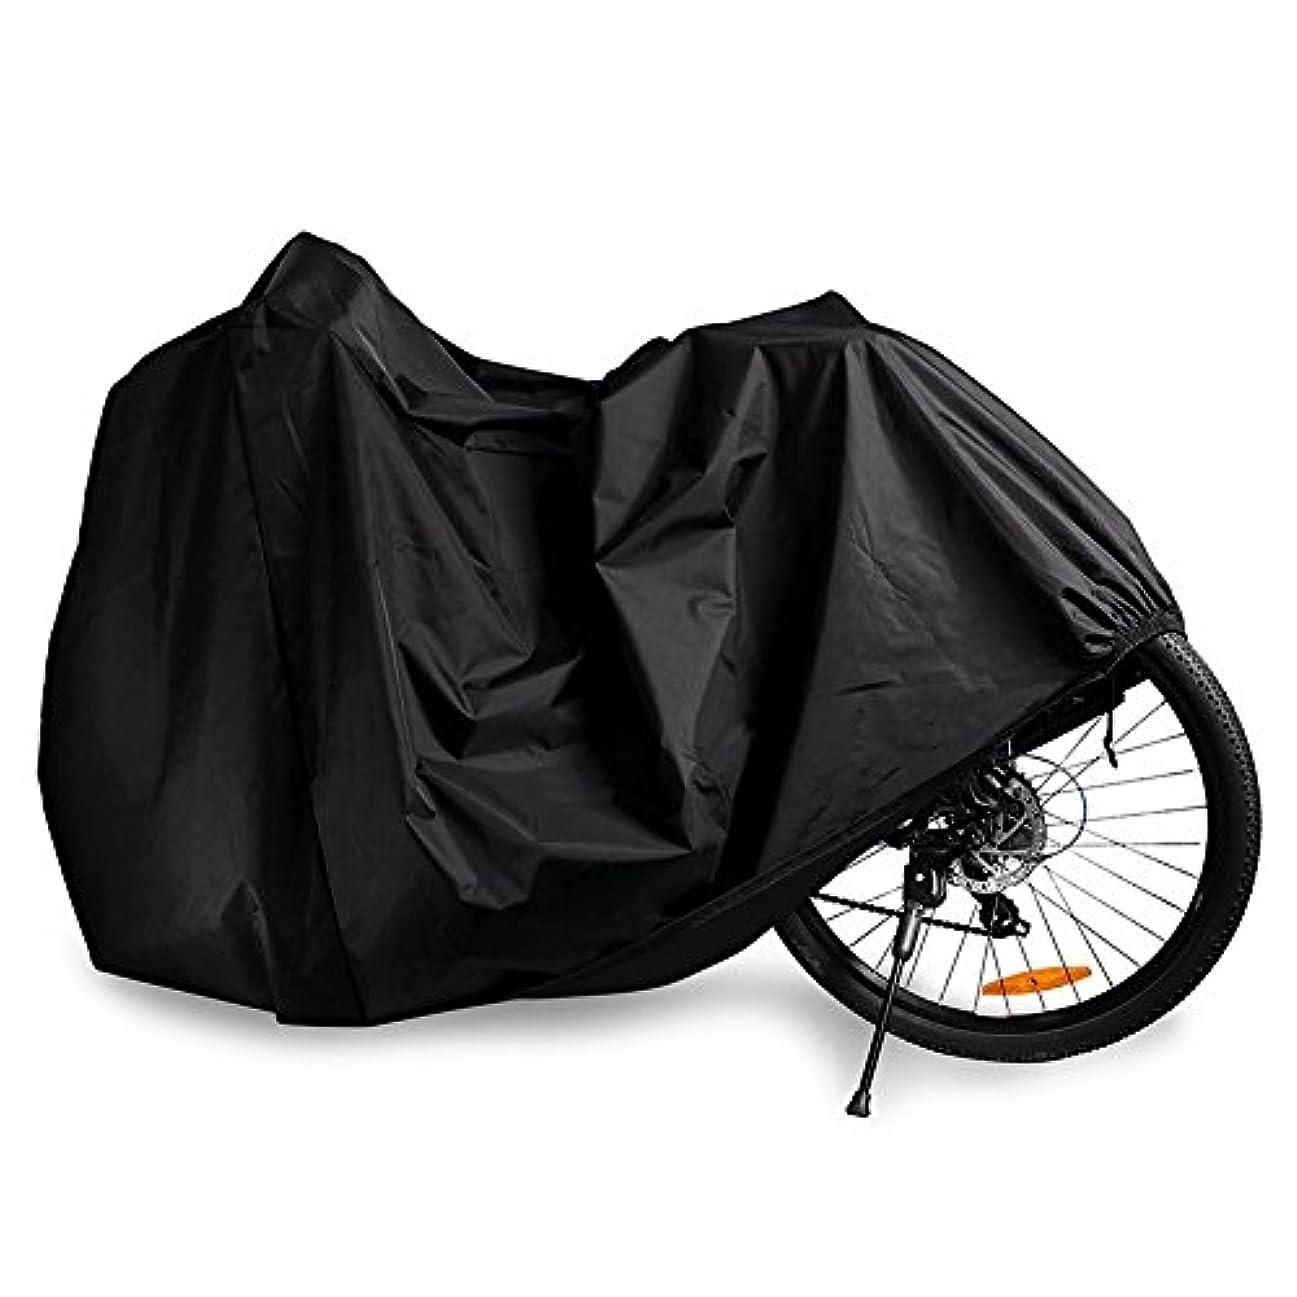 コック敏感なオークランドAMMI自転車カバー バイクカバー サイクルカバー 子供乗せ 後ろ 防水カバー 厚手 雨よけ(収納袋付)日差しUV加工 自転車 カバー 22~29インチの自転車に適用